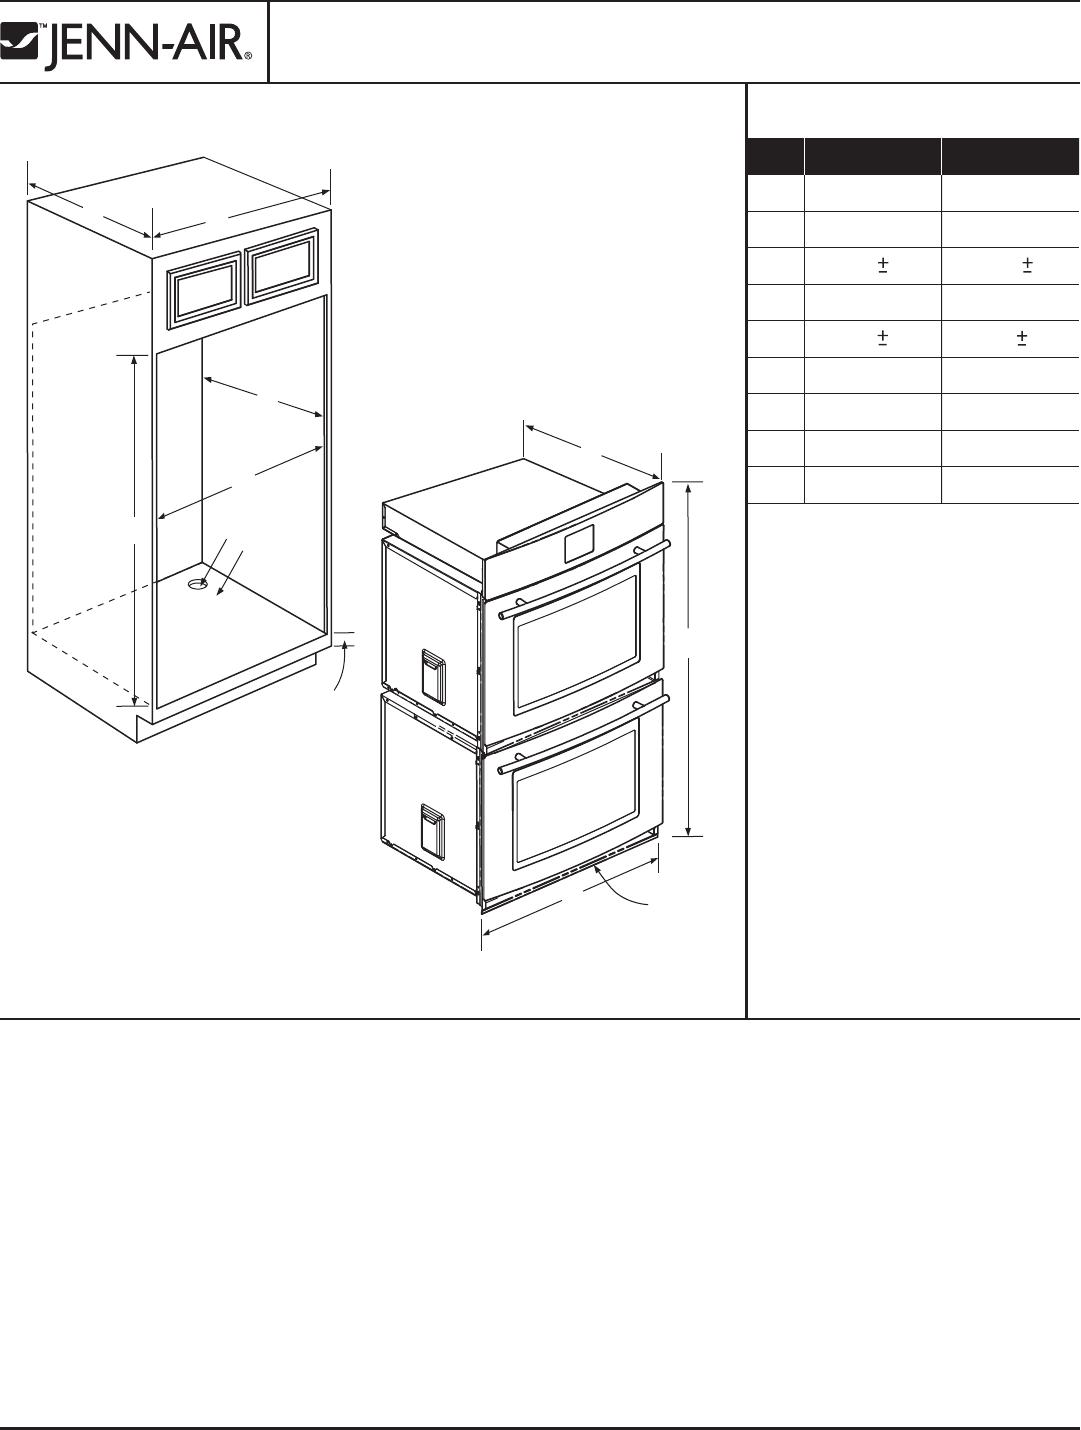 Jenn-Air JJW8630DDB Oven User Manual